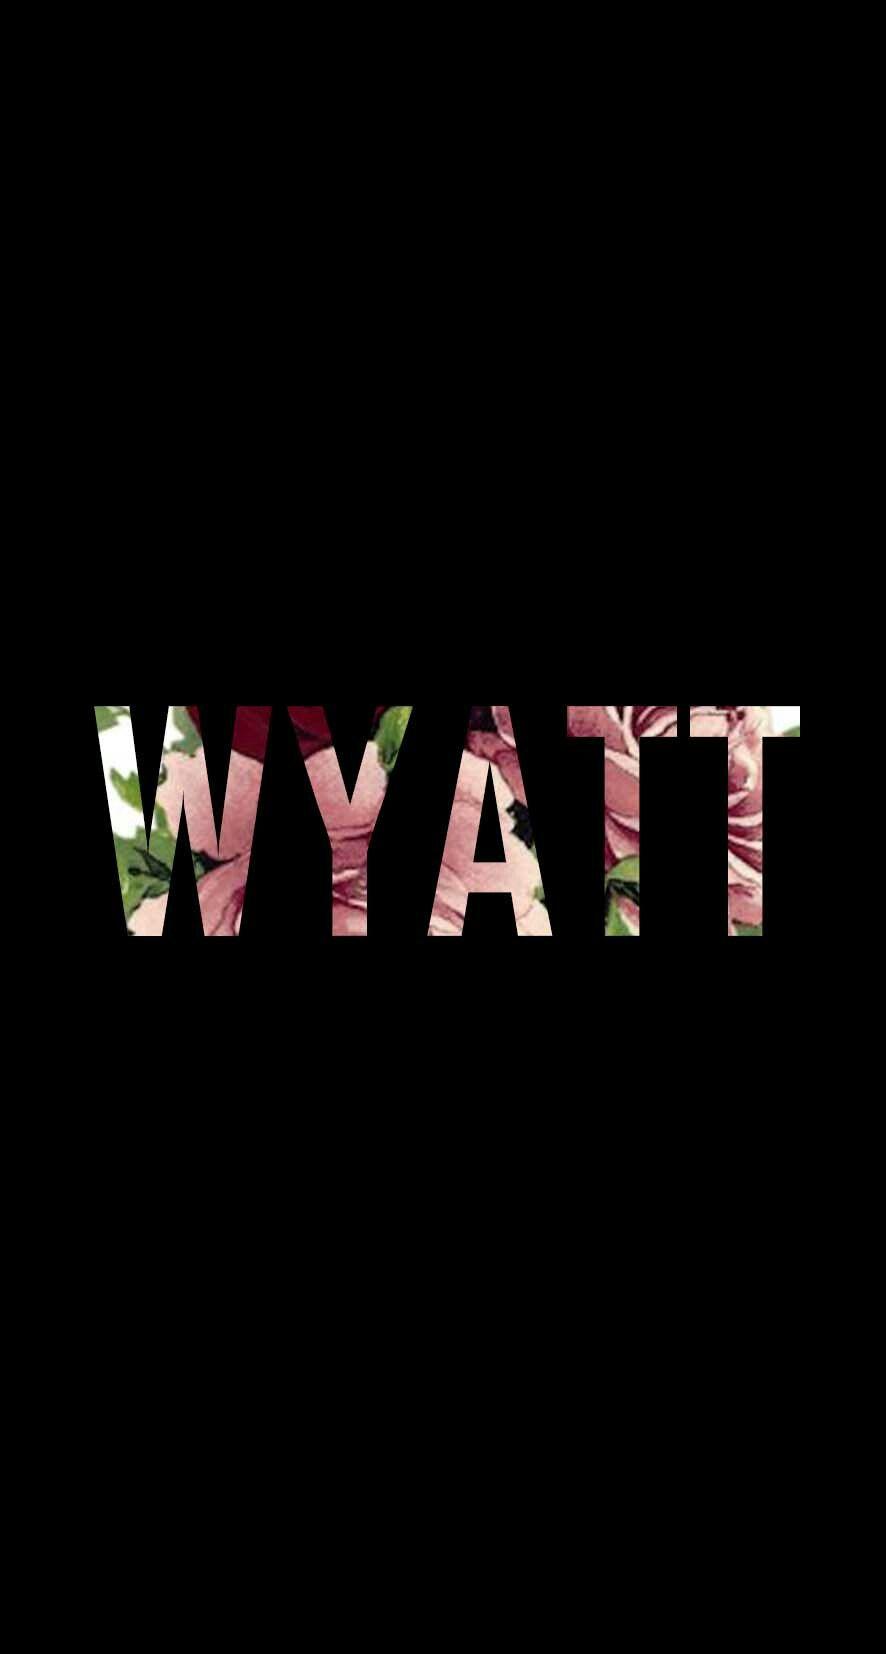 Wyatt Lockscreen Wallpaper Mixnine Jaeyoung Onf Kpop